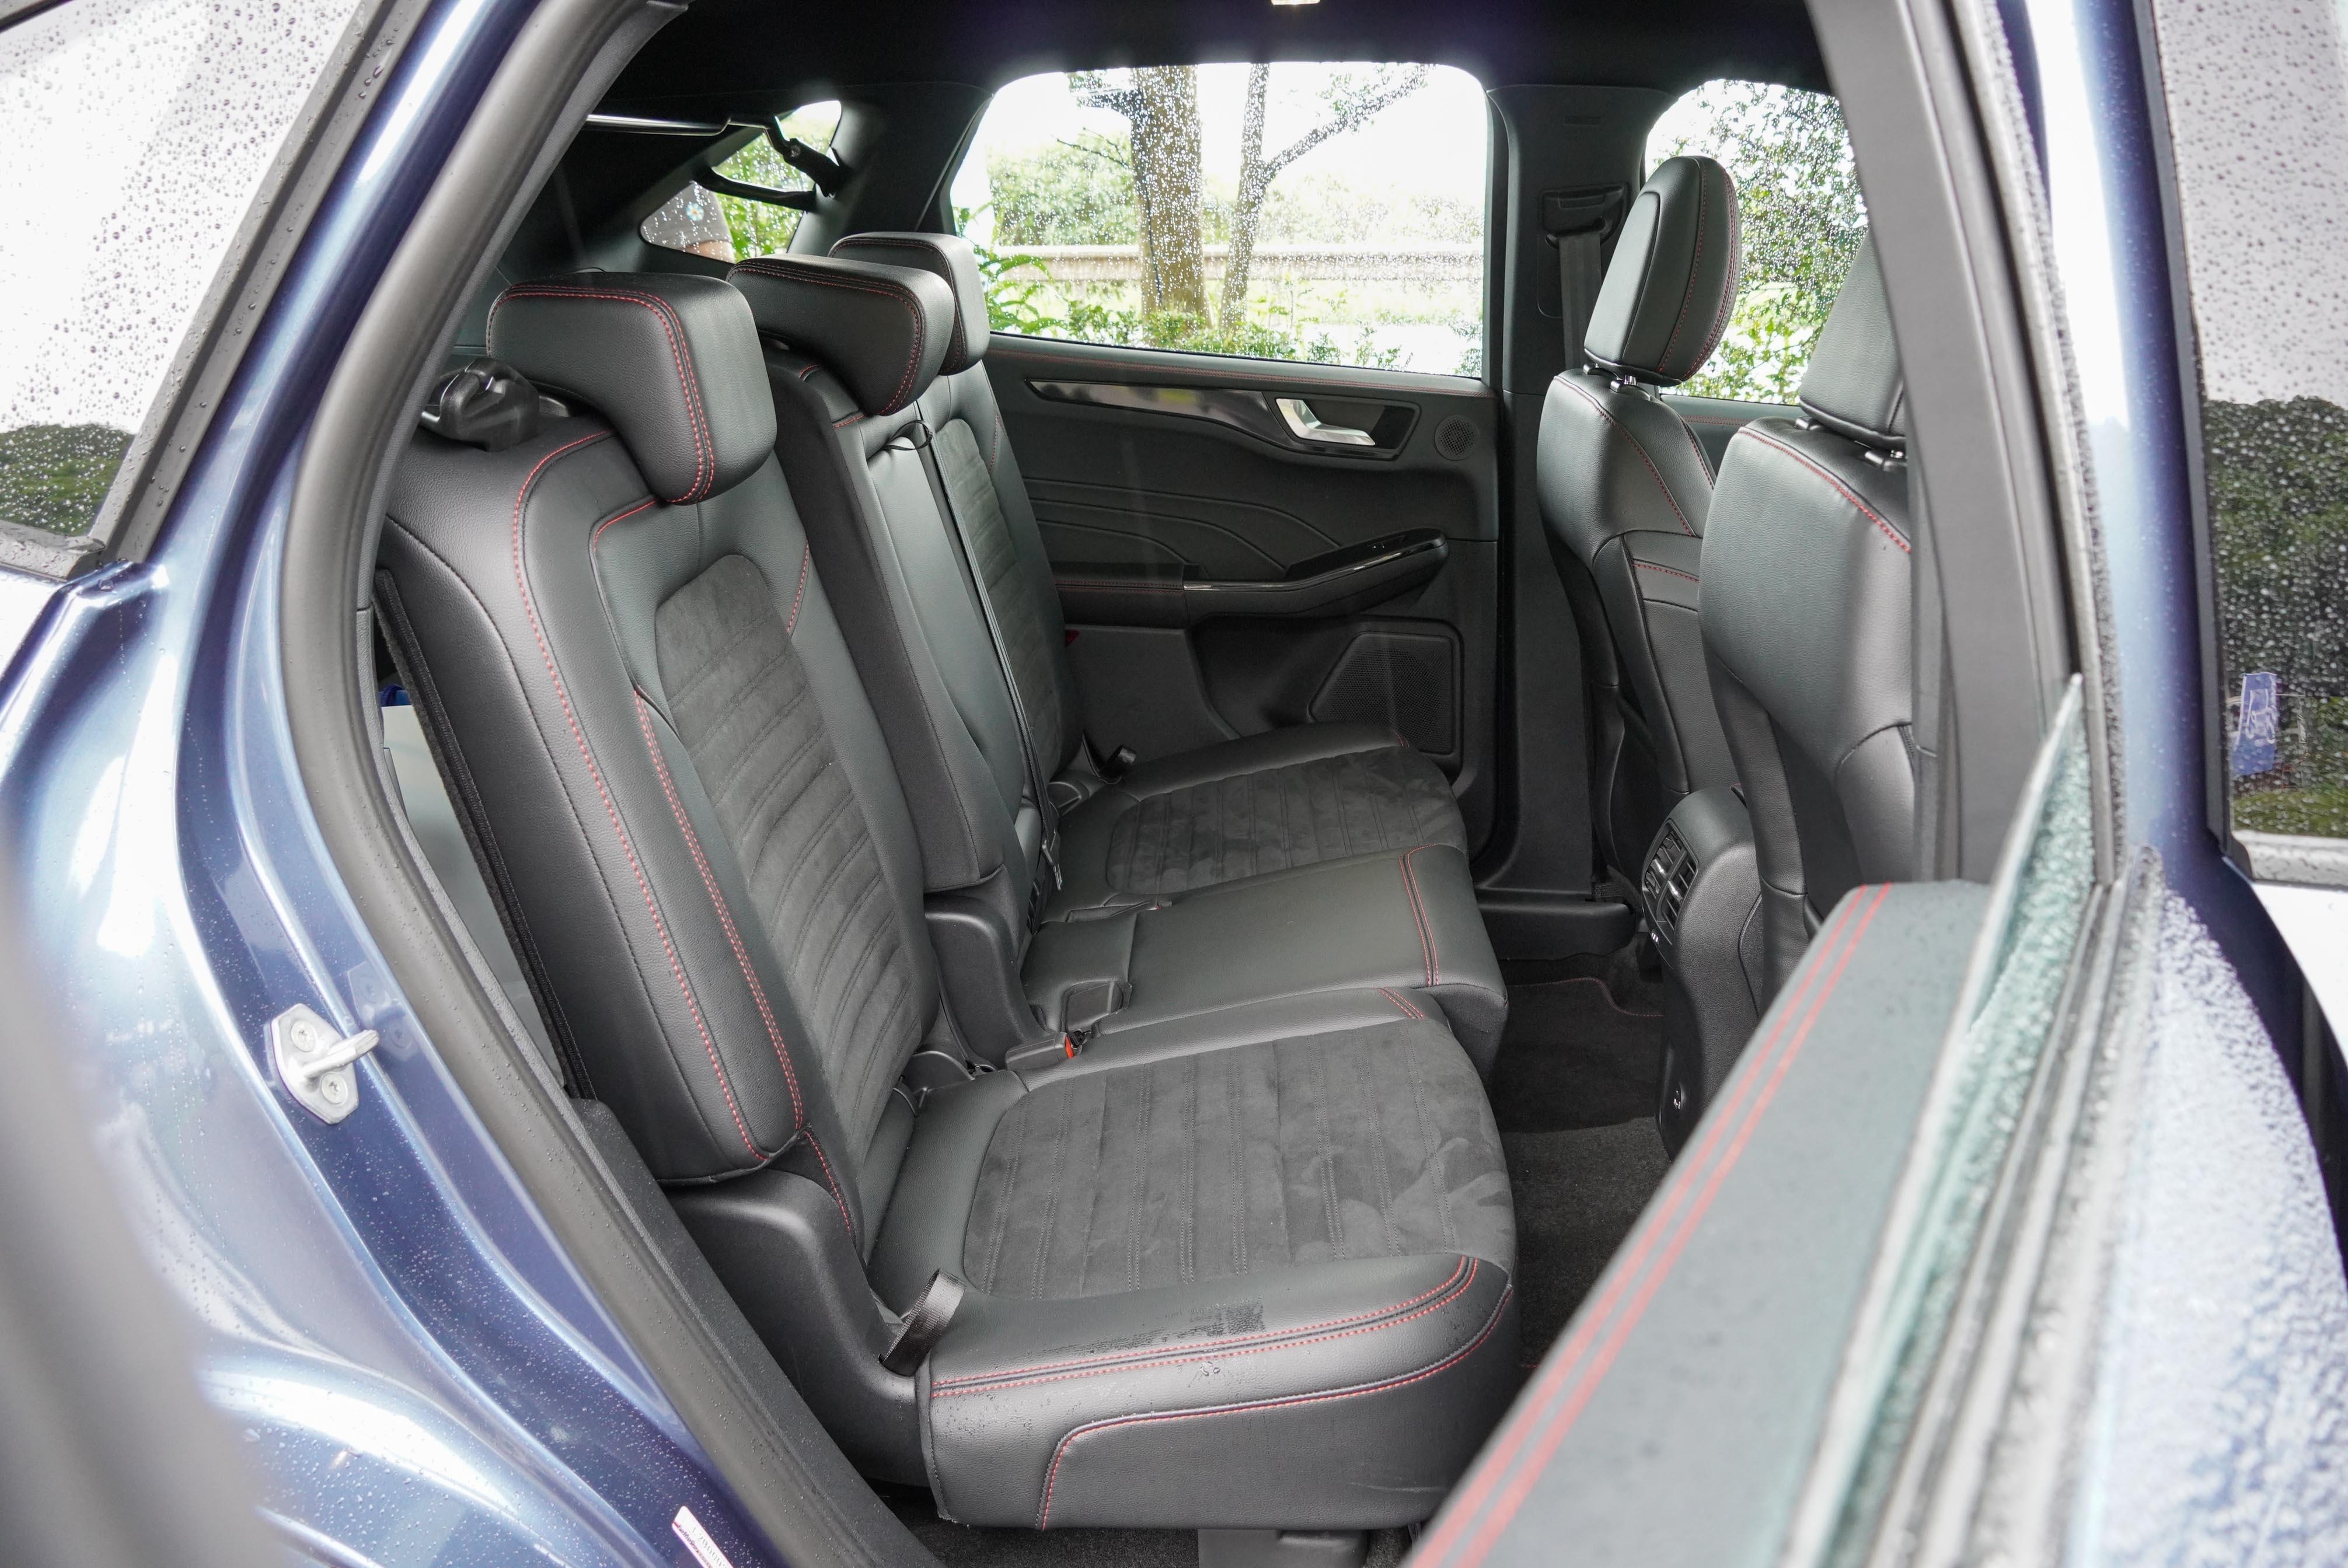 後座受限於客貨車認證的橫桿(後座上方),椅背取消 12 度調整,滑移空間剩下 5 公分。